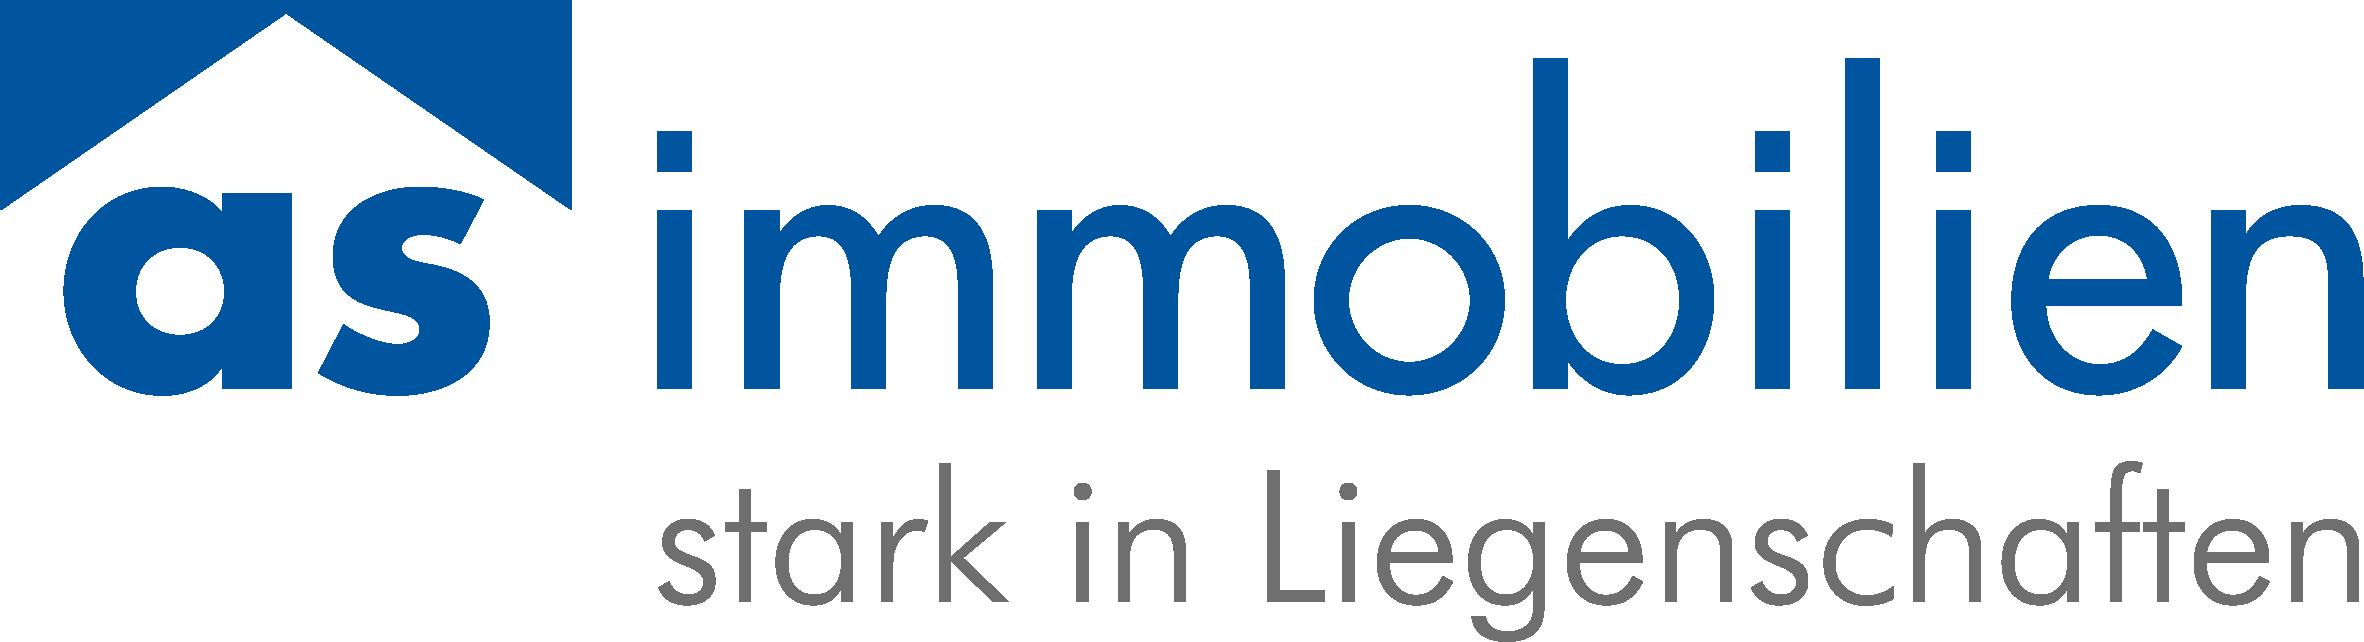 web_as_immo_logo_claim_de_grau_70_prozent_rgb